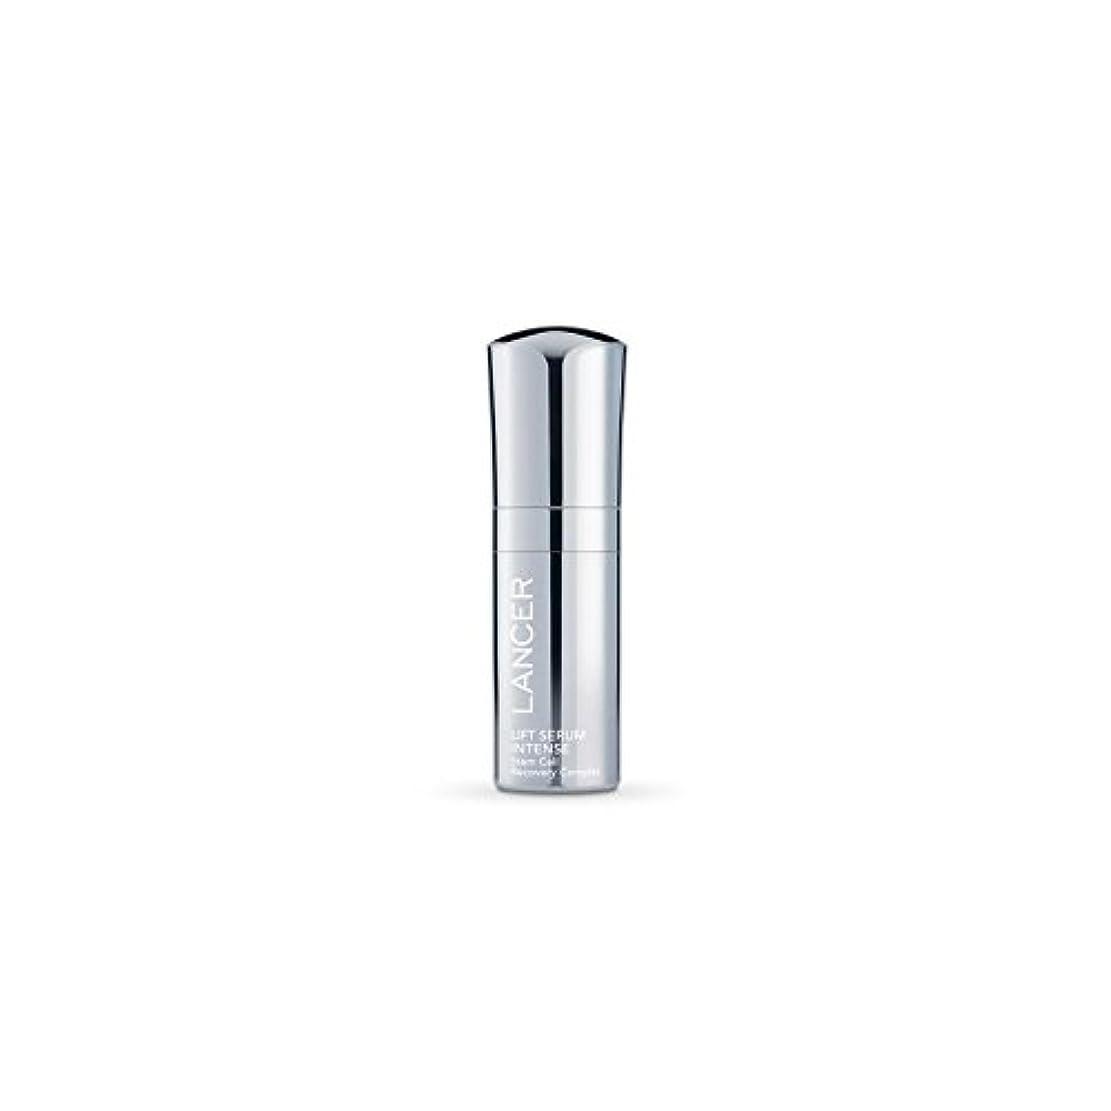 敬意を表する側デッキ強烈ランサースキンケアリフト血清(30ミリリットル) x2 - Lancer Skincare Lift Serum Intense (30ml) (Pack of 2) [並行輸入品]